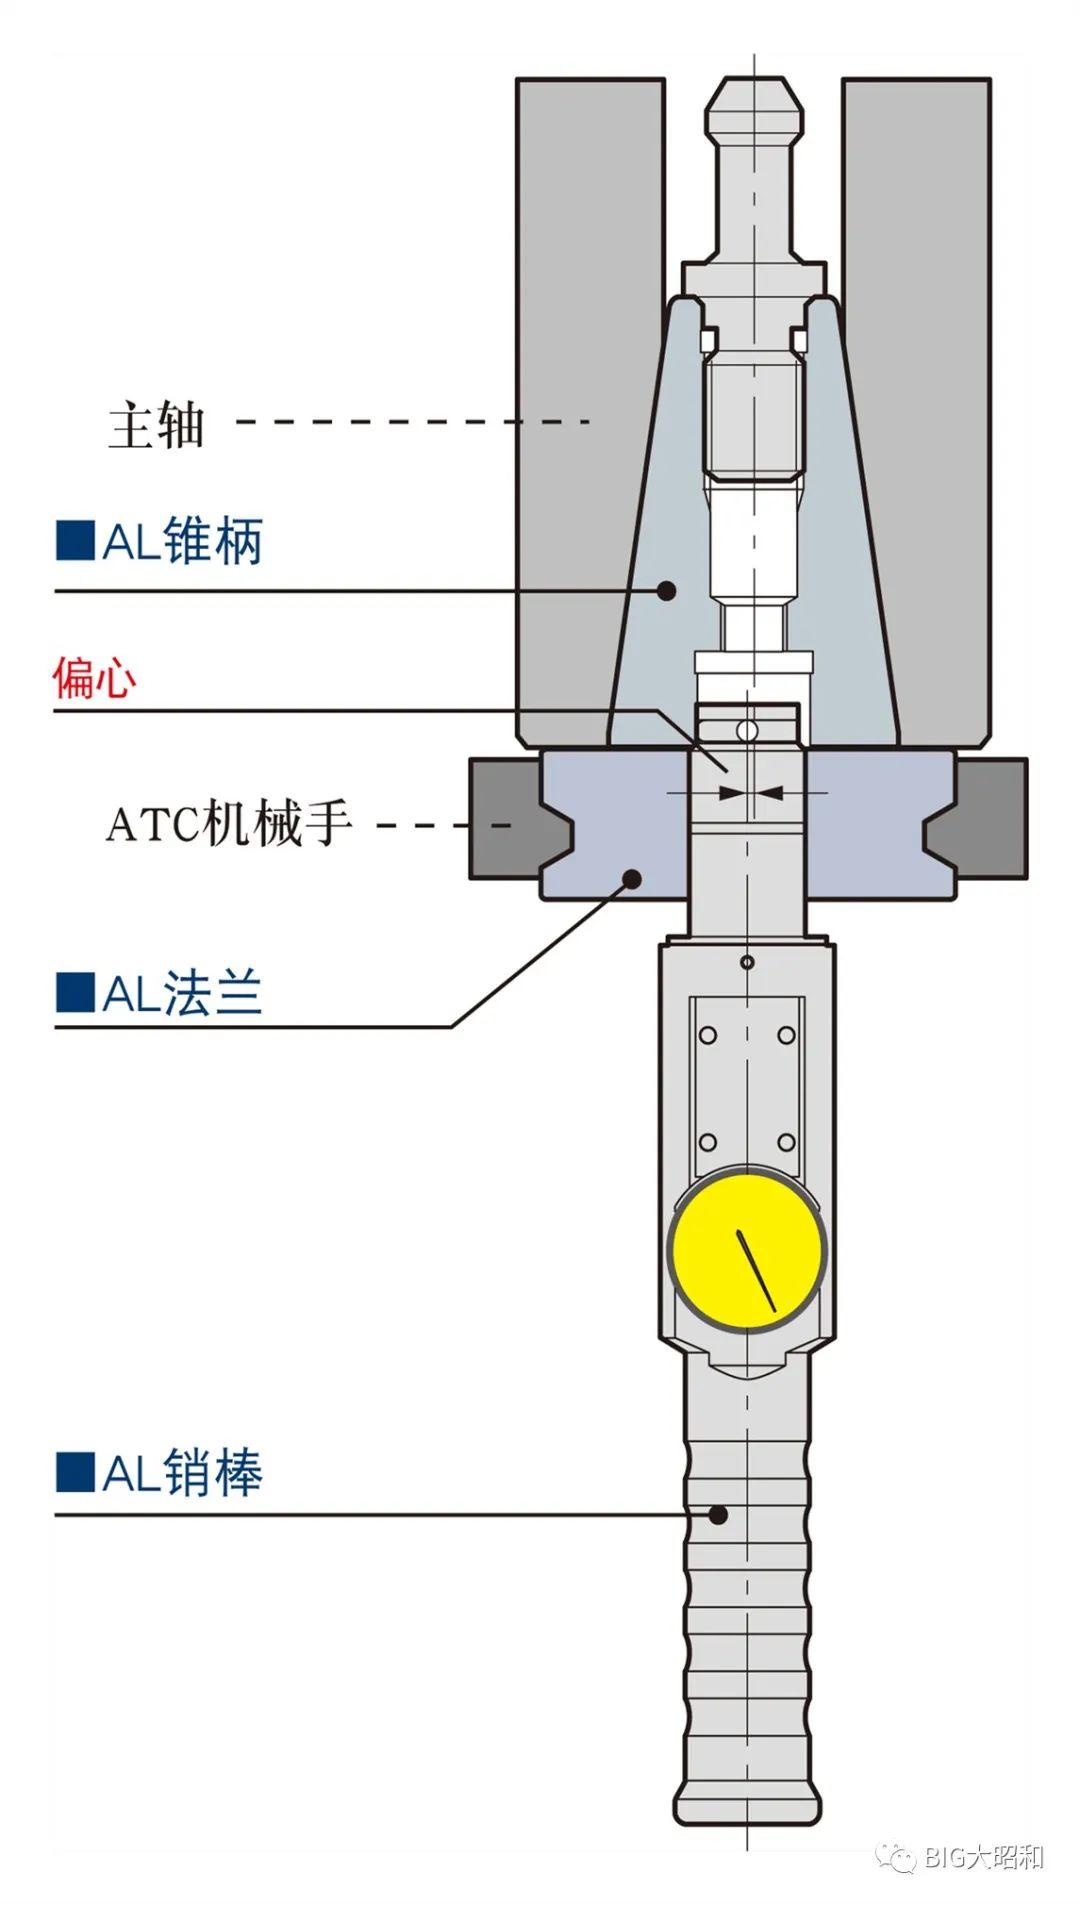 ATC机械手的校正利器